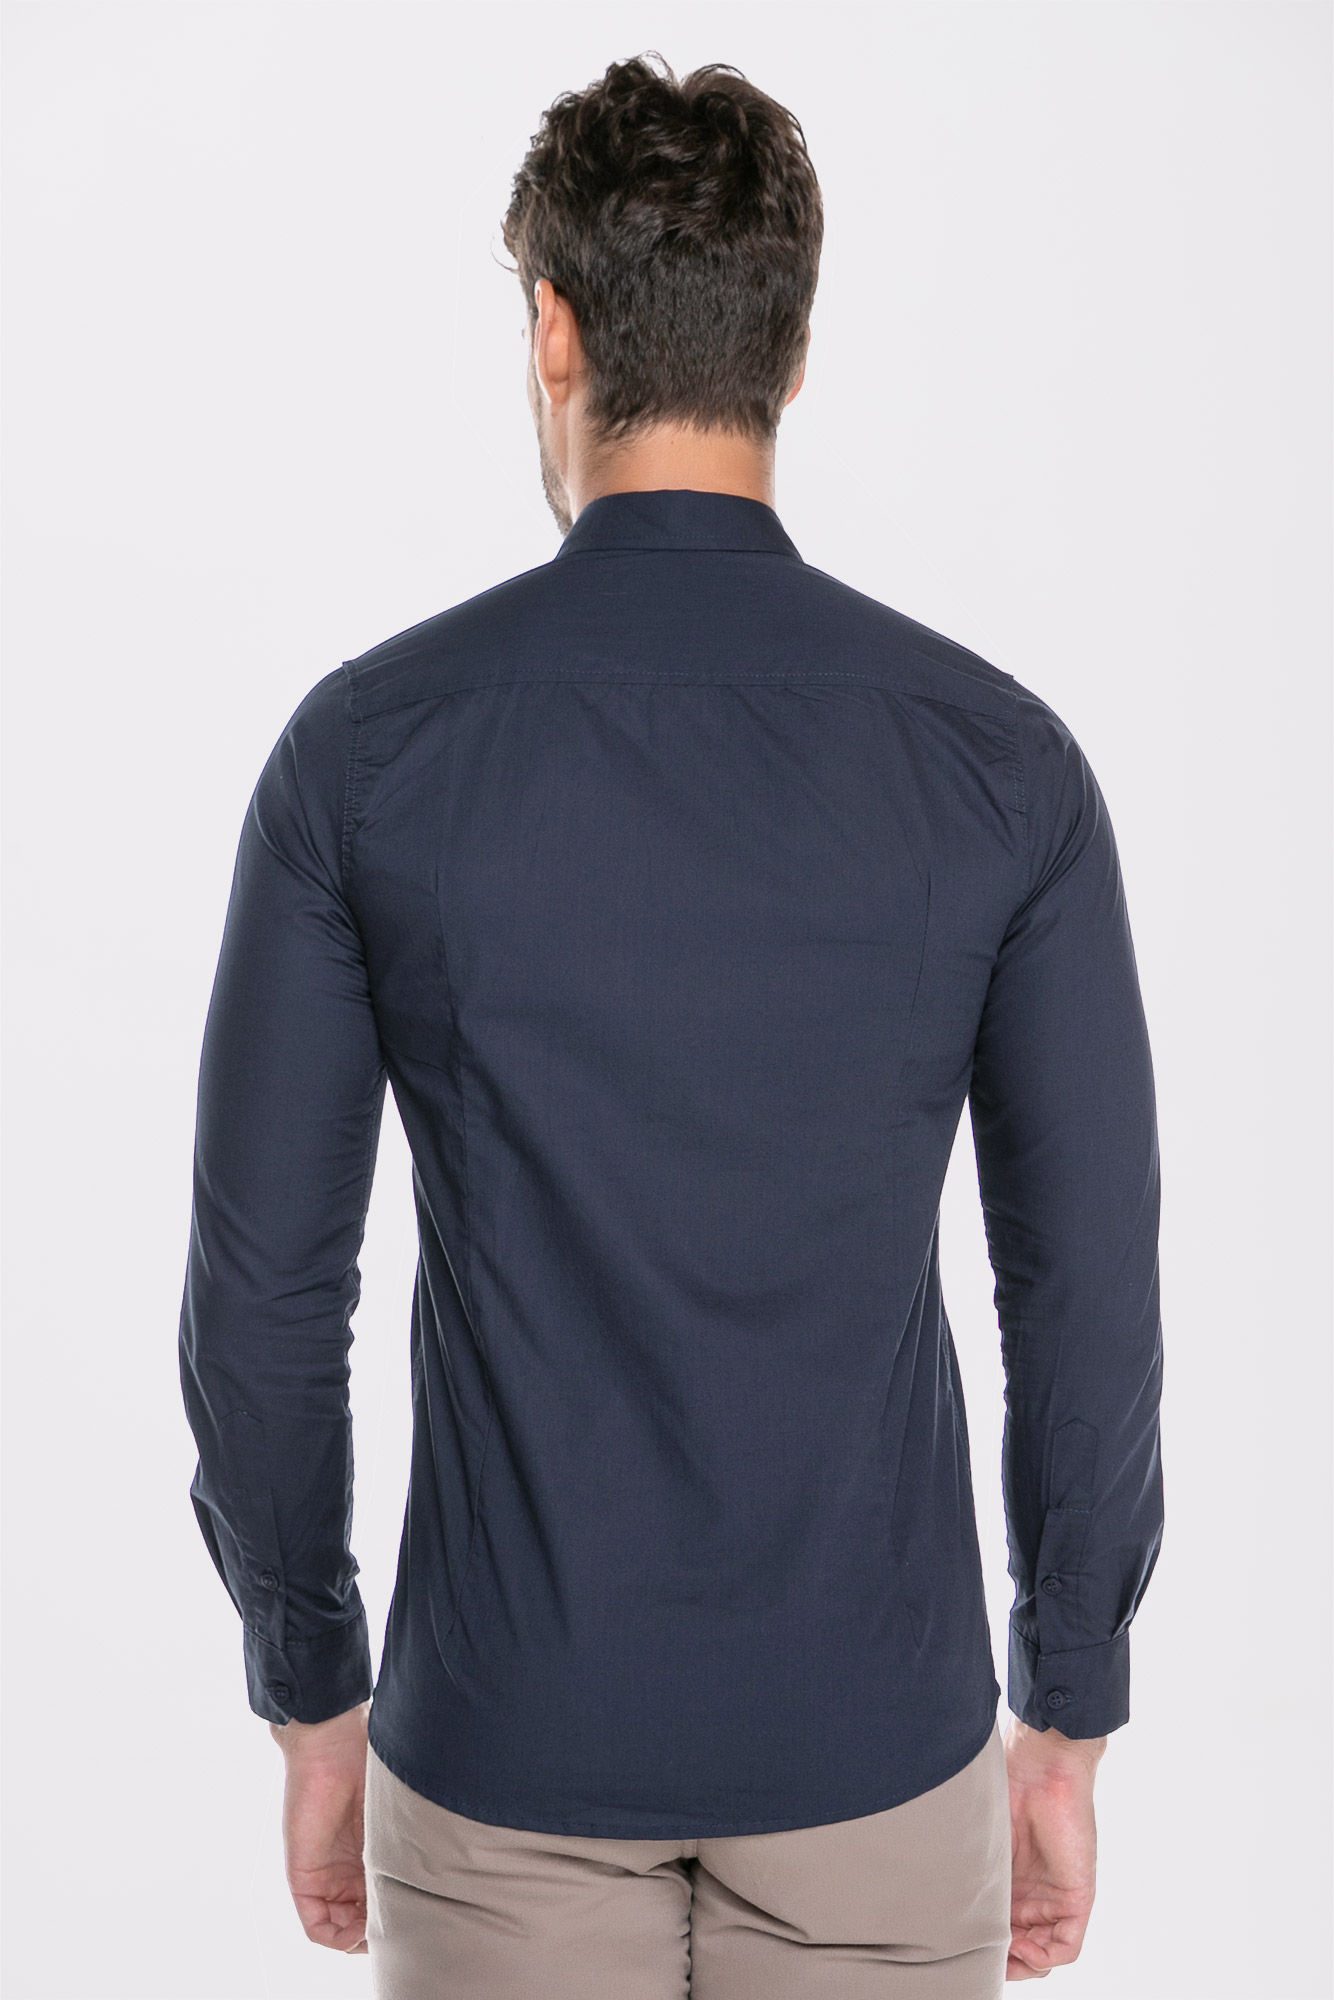 Camisa Social Ml Confort Marinho